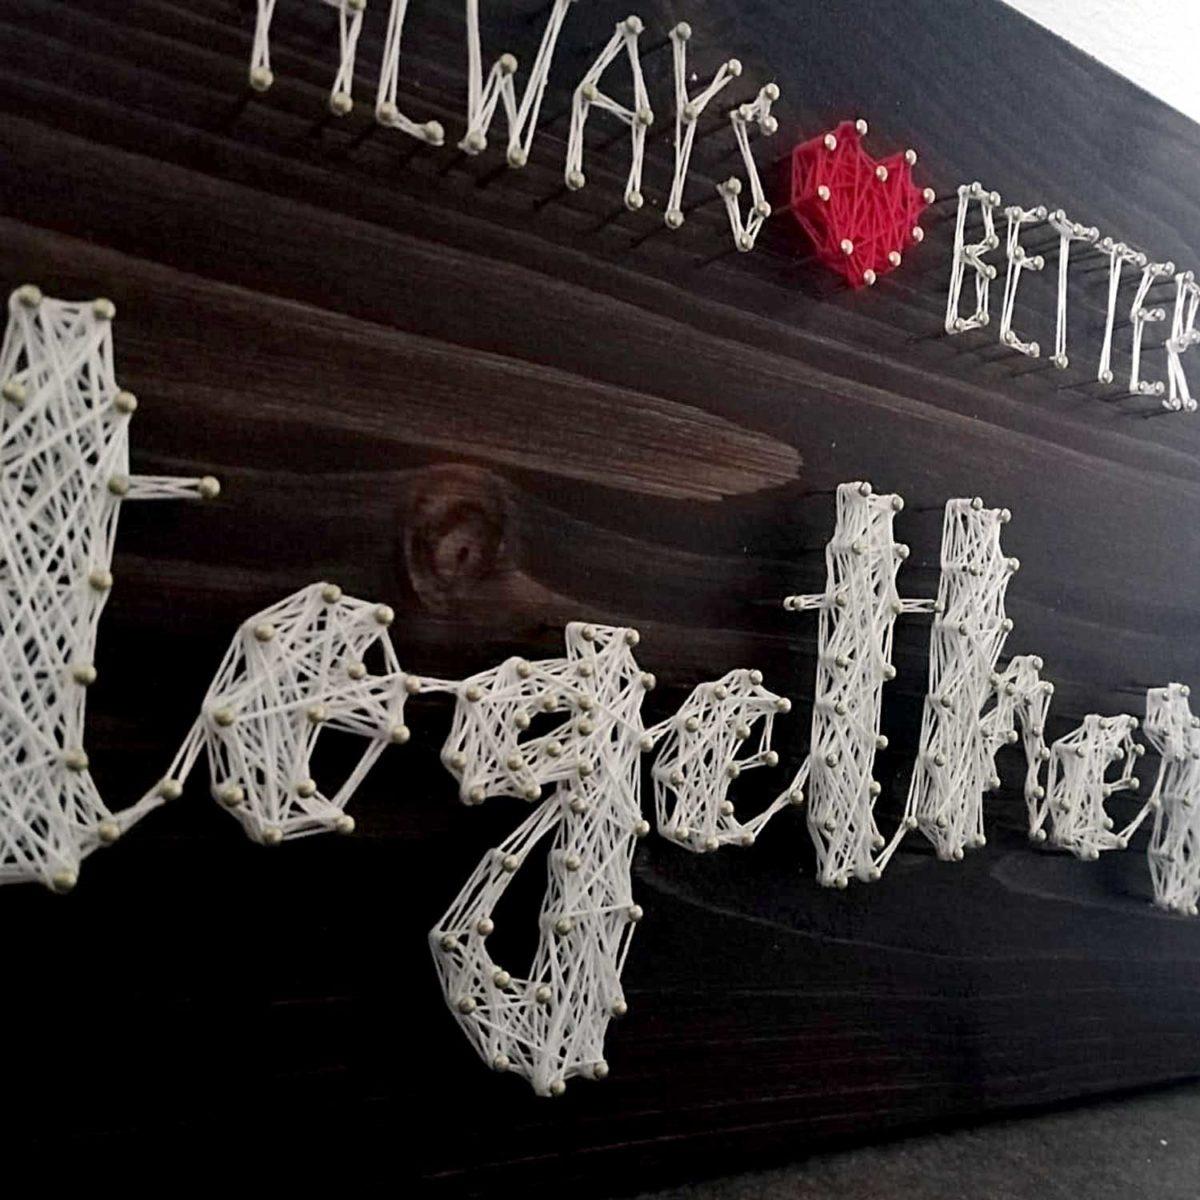 fadenbild_0129_better_together_1